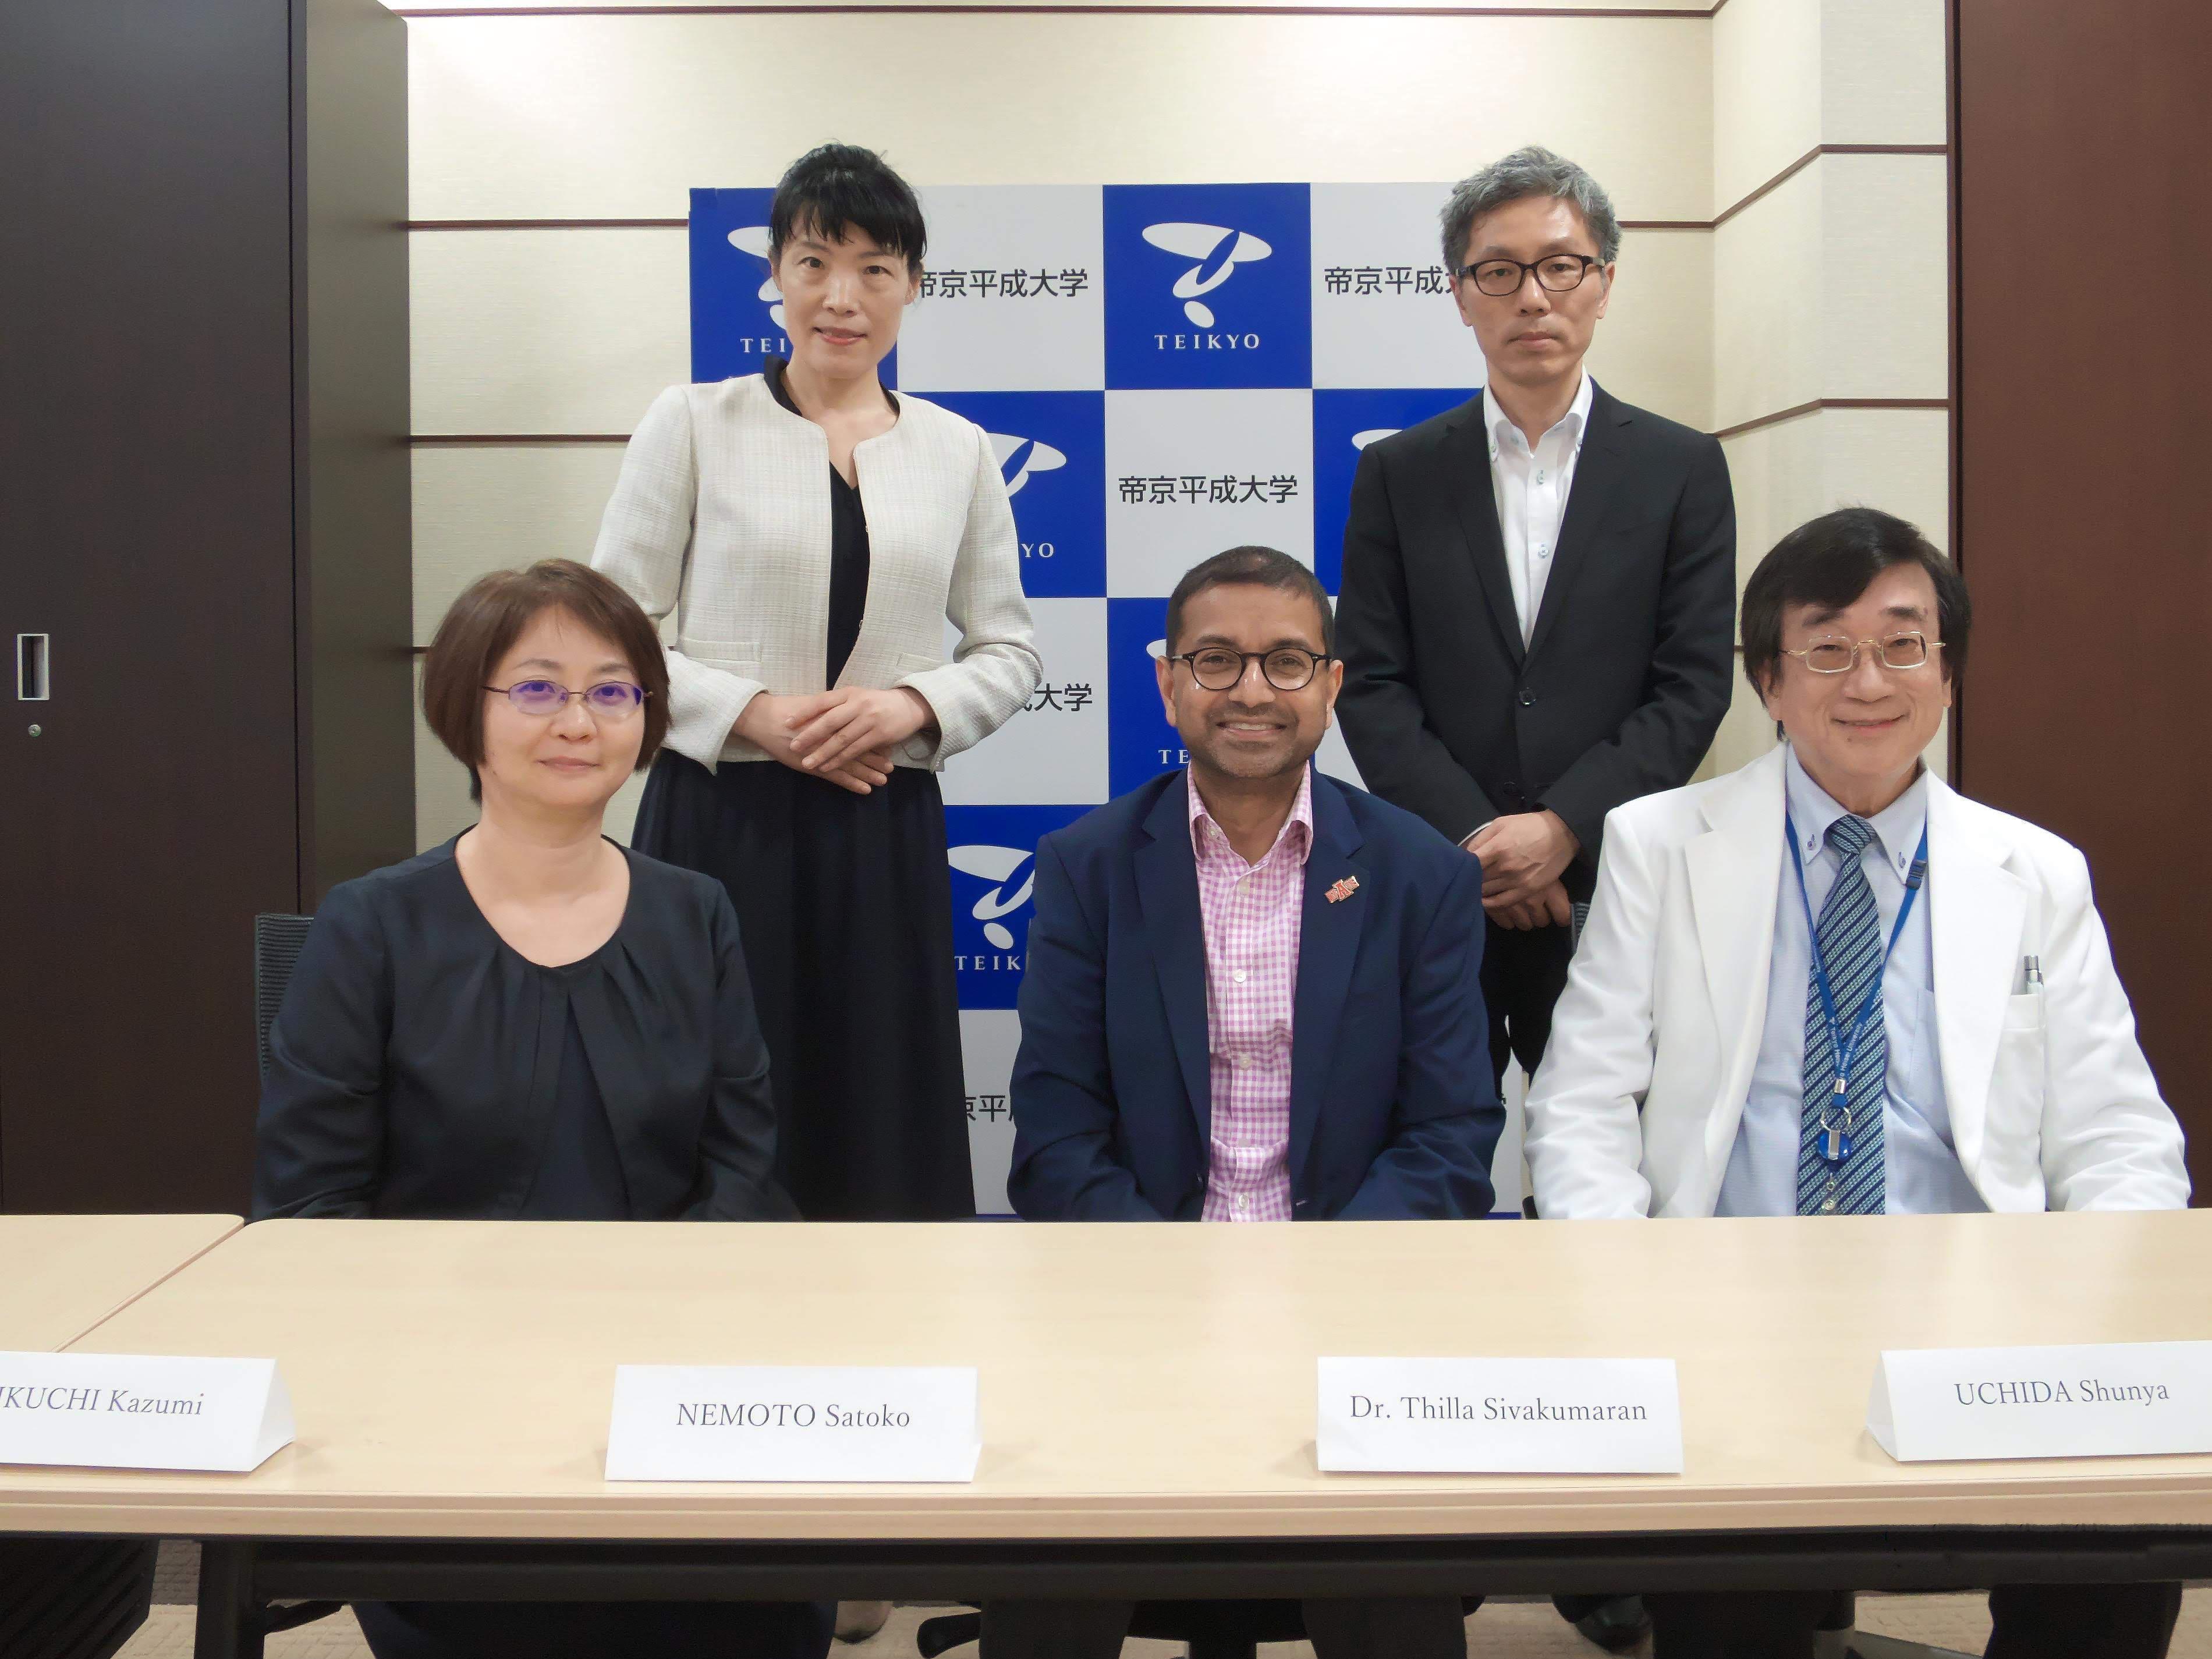 帝京平成大学が米国・アーカンソー州立大学と学術交流協定を締結 -- 作業療法分野での交流を促進